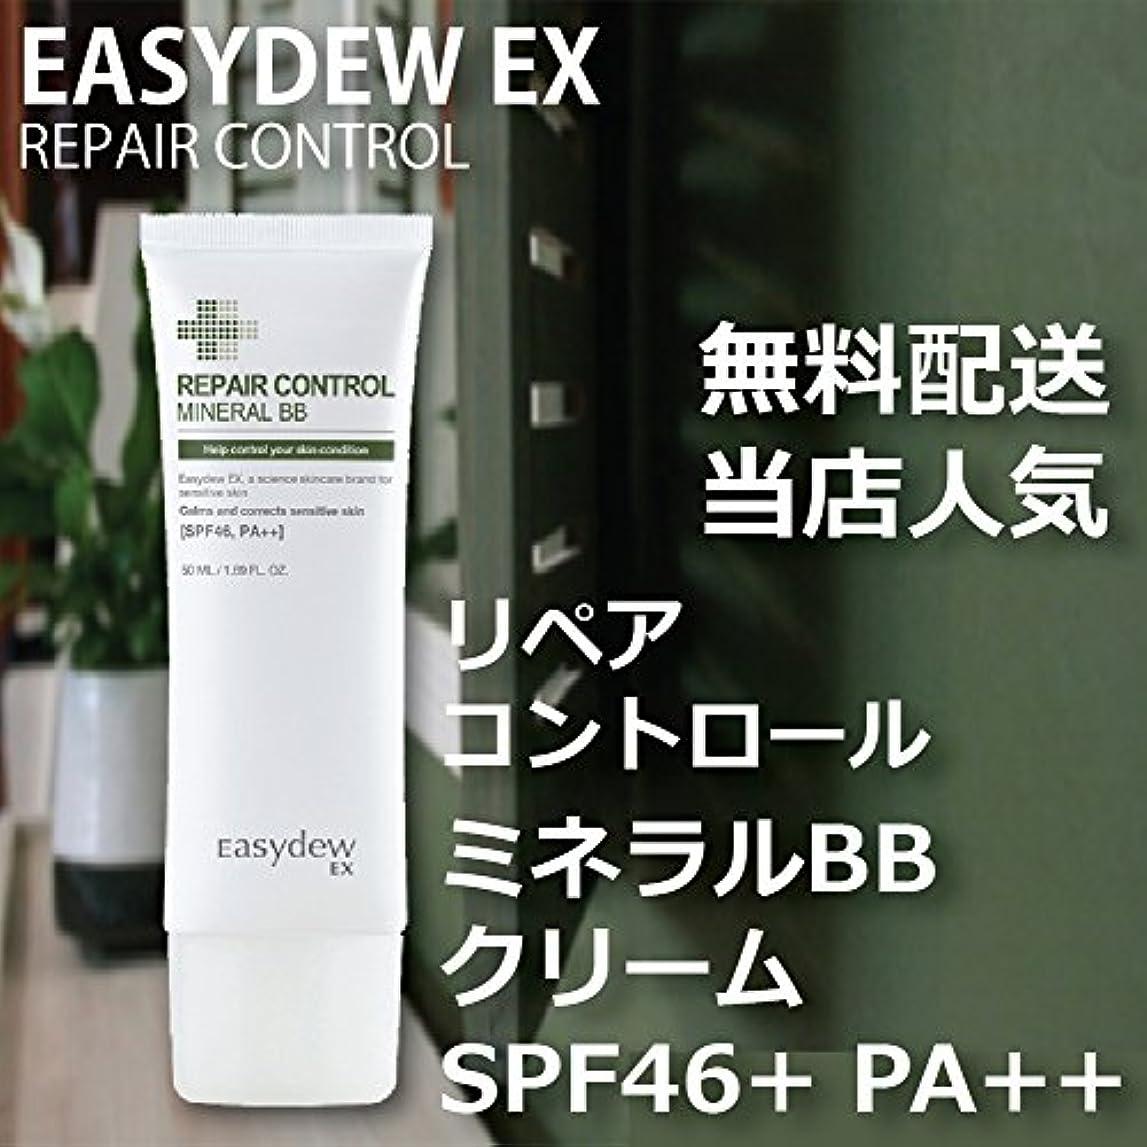 望む直立ピンチEASY DEW EX ミネラル BBクリーム SPF46+ PA++ 50ml MINRAL BB CREAM 韓国 人気 コスメ イージーデュー 敏感 乾燥 美白 しわ 3重機能性